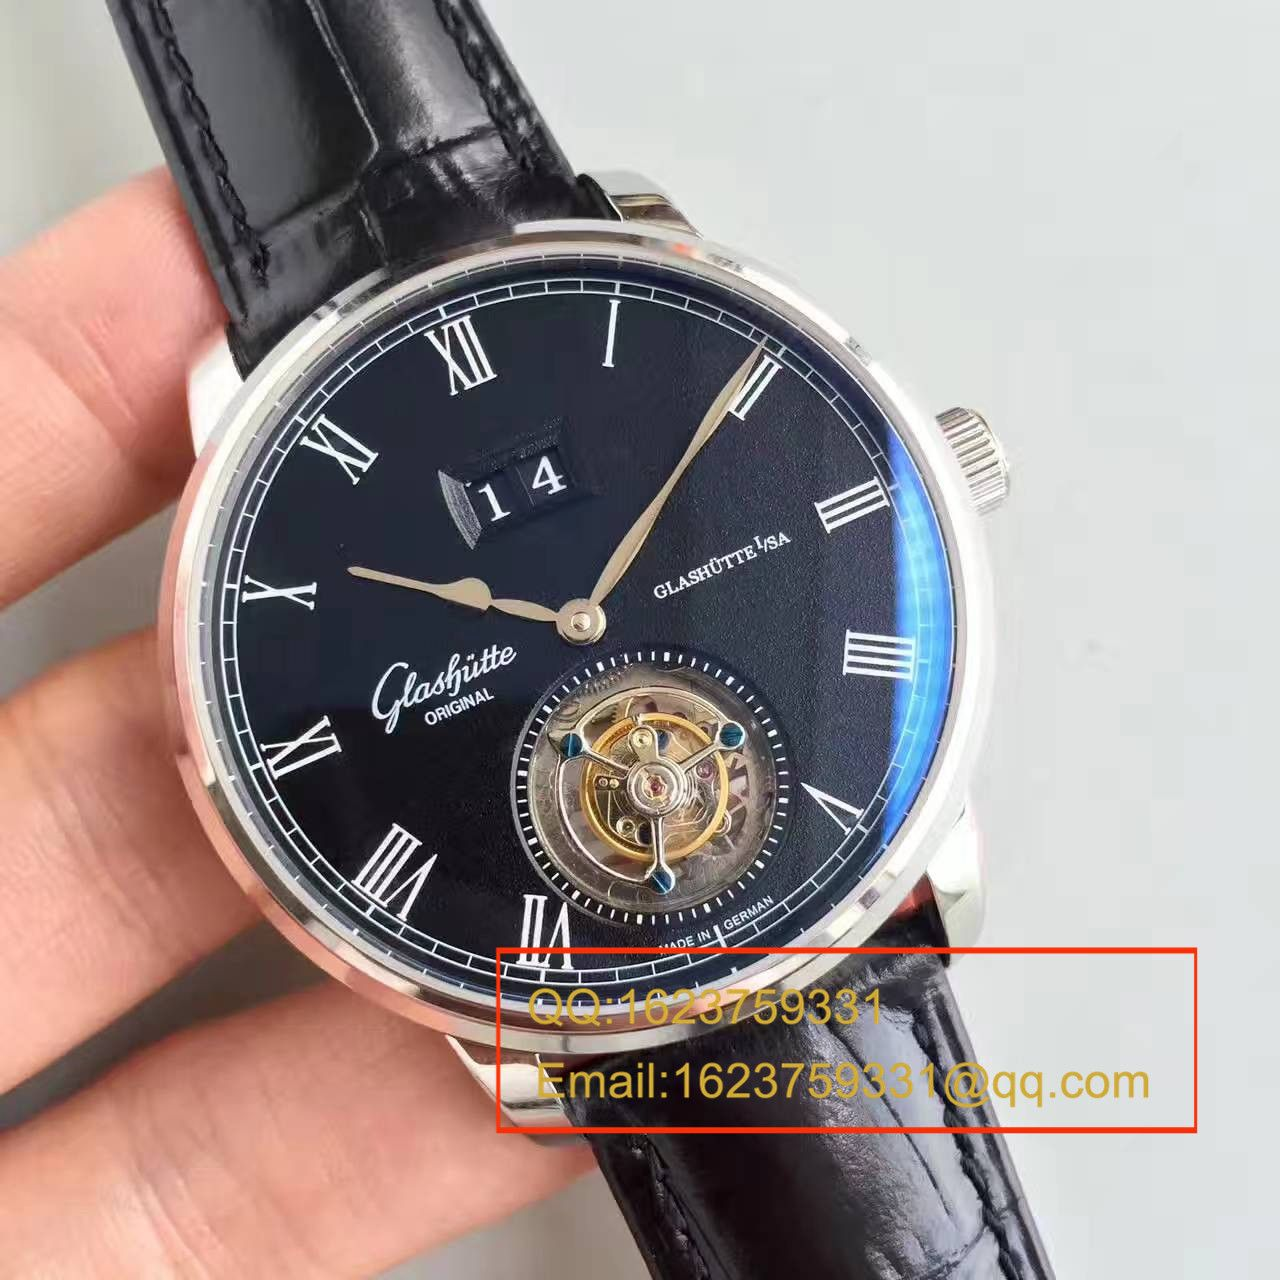 【TF厂一比一超A高仿手表】格拉苏蒂原创艺术与工艺系列1-94-03-04-04-04陀飞轮腕表 / GLACH040